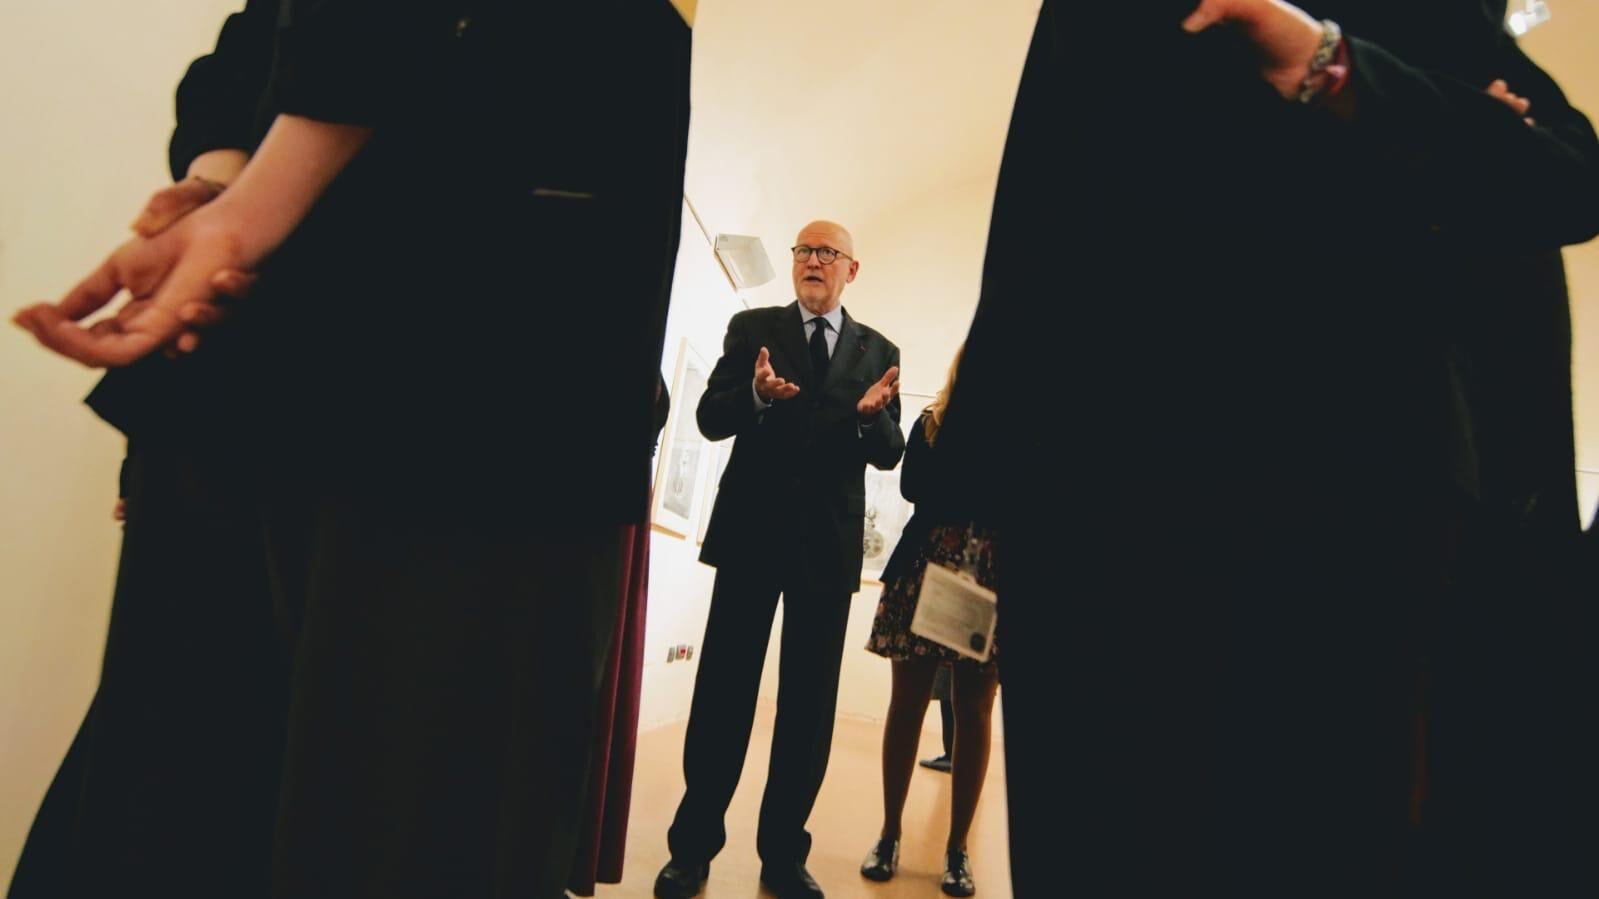 DENTRO IL DISEGNO: visita guidata alla mostra insieme al curatore LÓRÁND HEGYI